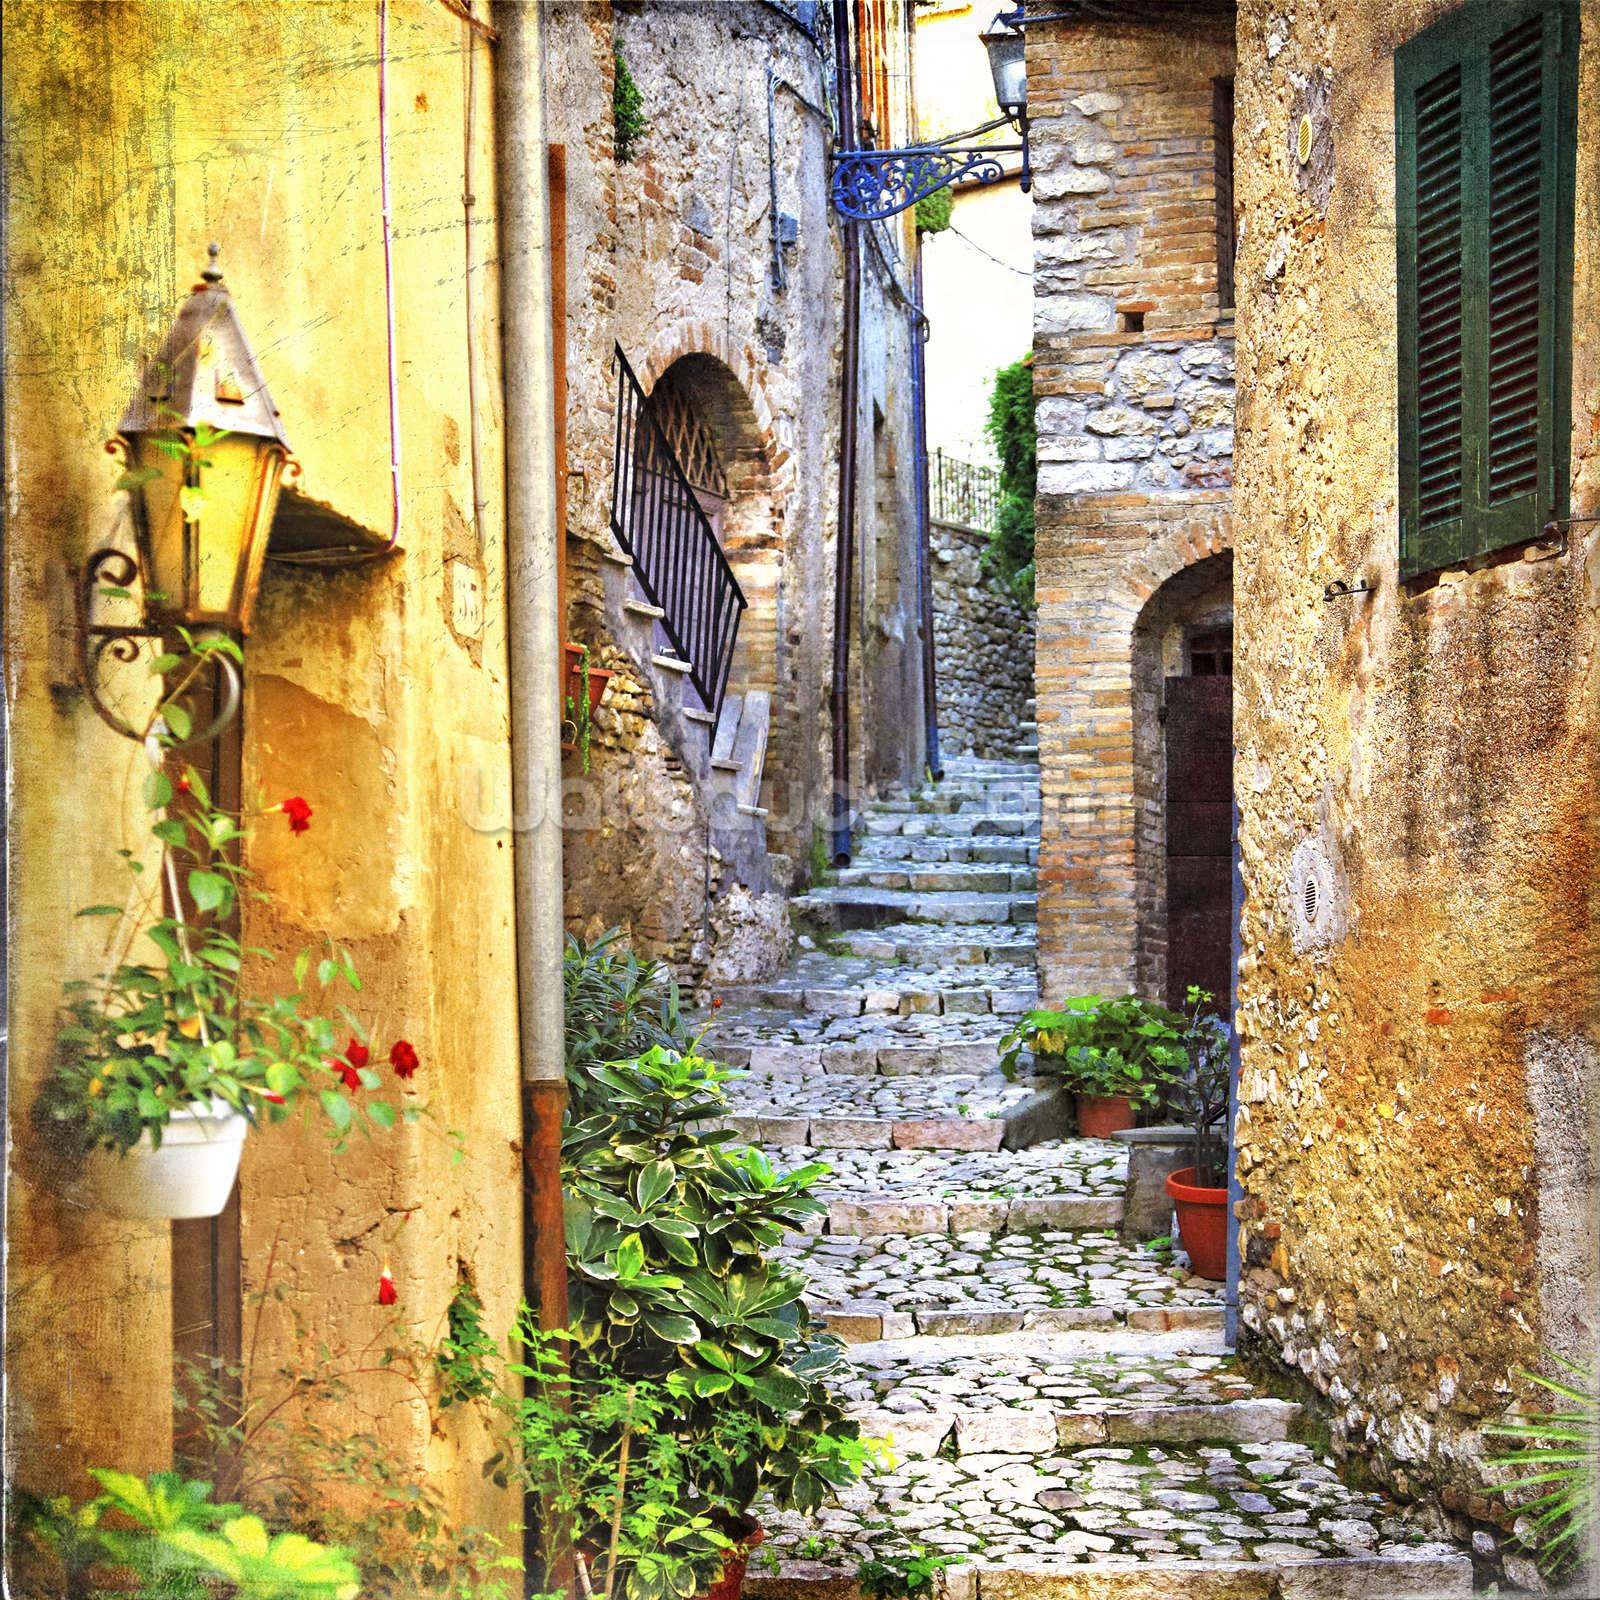 Mediterranean Old Town Street Wallpaper Wall Mural Wallsauce Usa